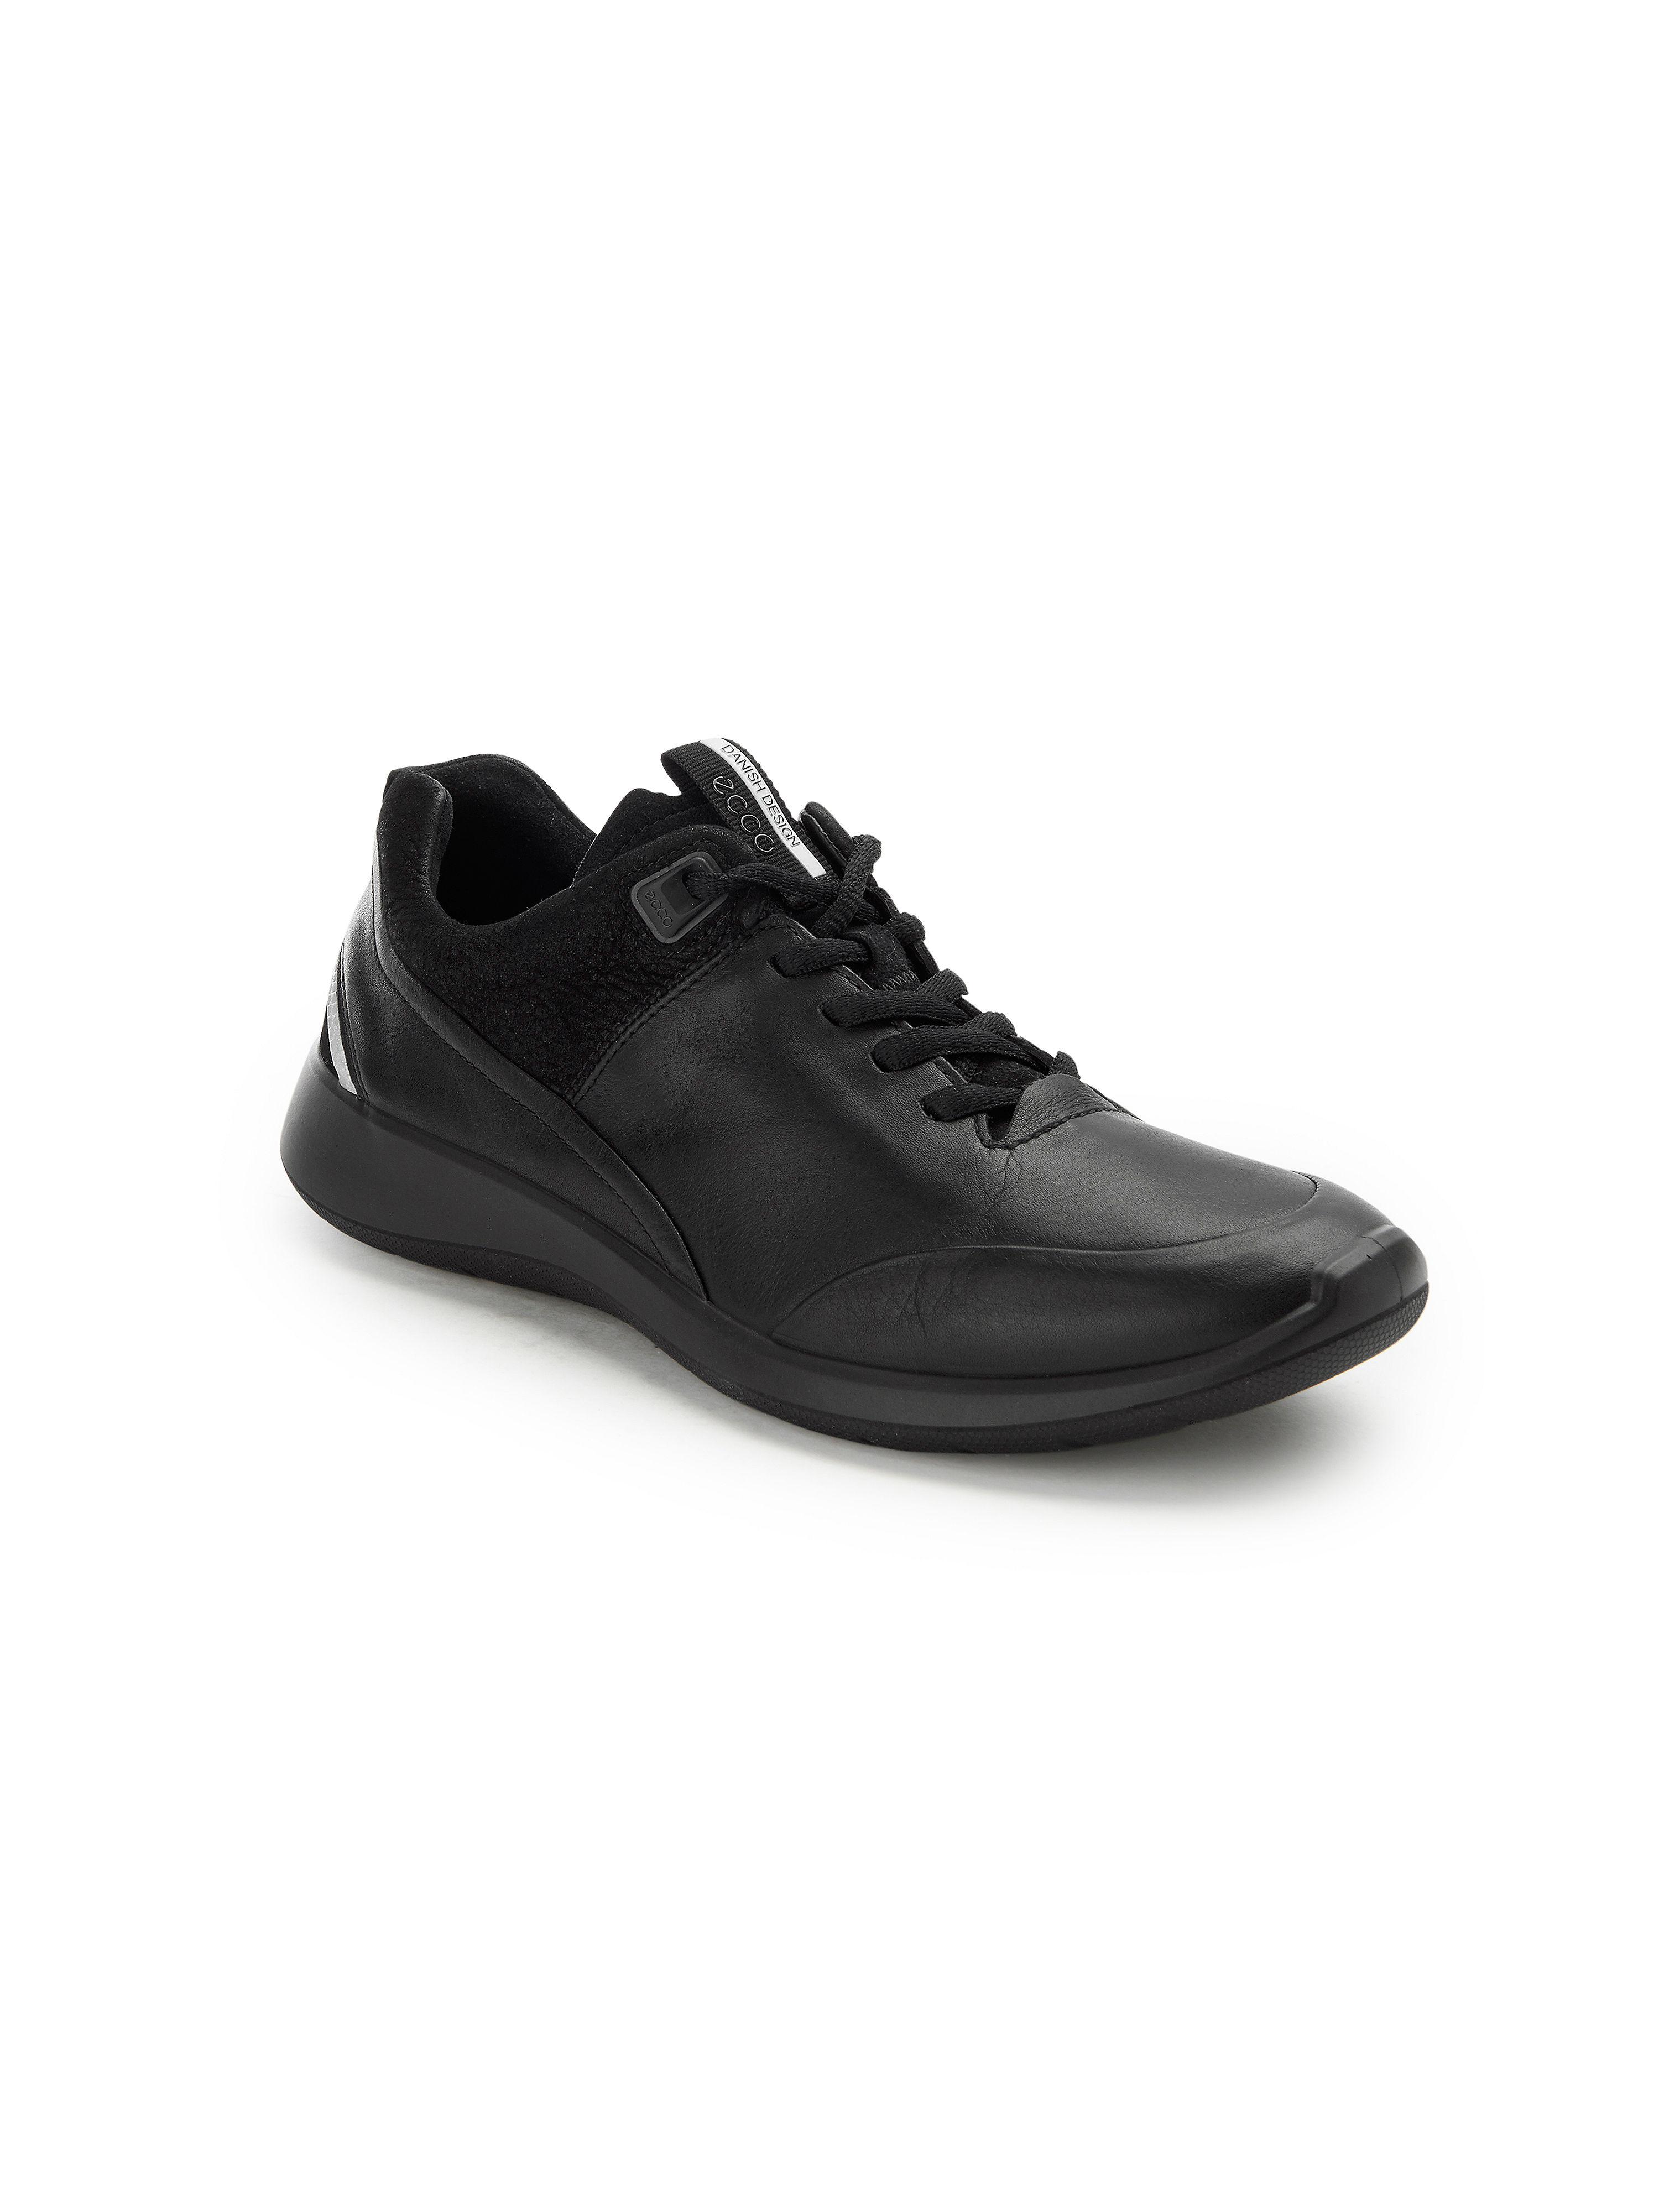 Ecco - - - Sneaker Soft 5 - Schwarz Gute Qualität beliebte Schuhe ed9dc8